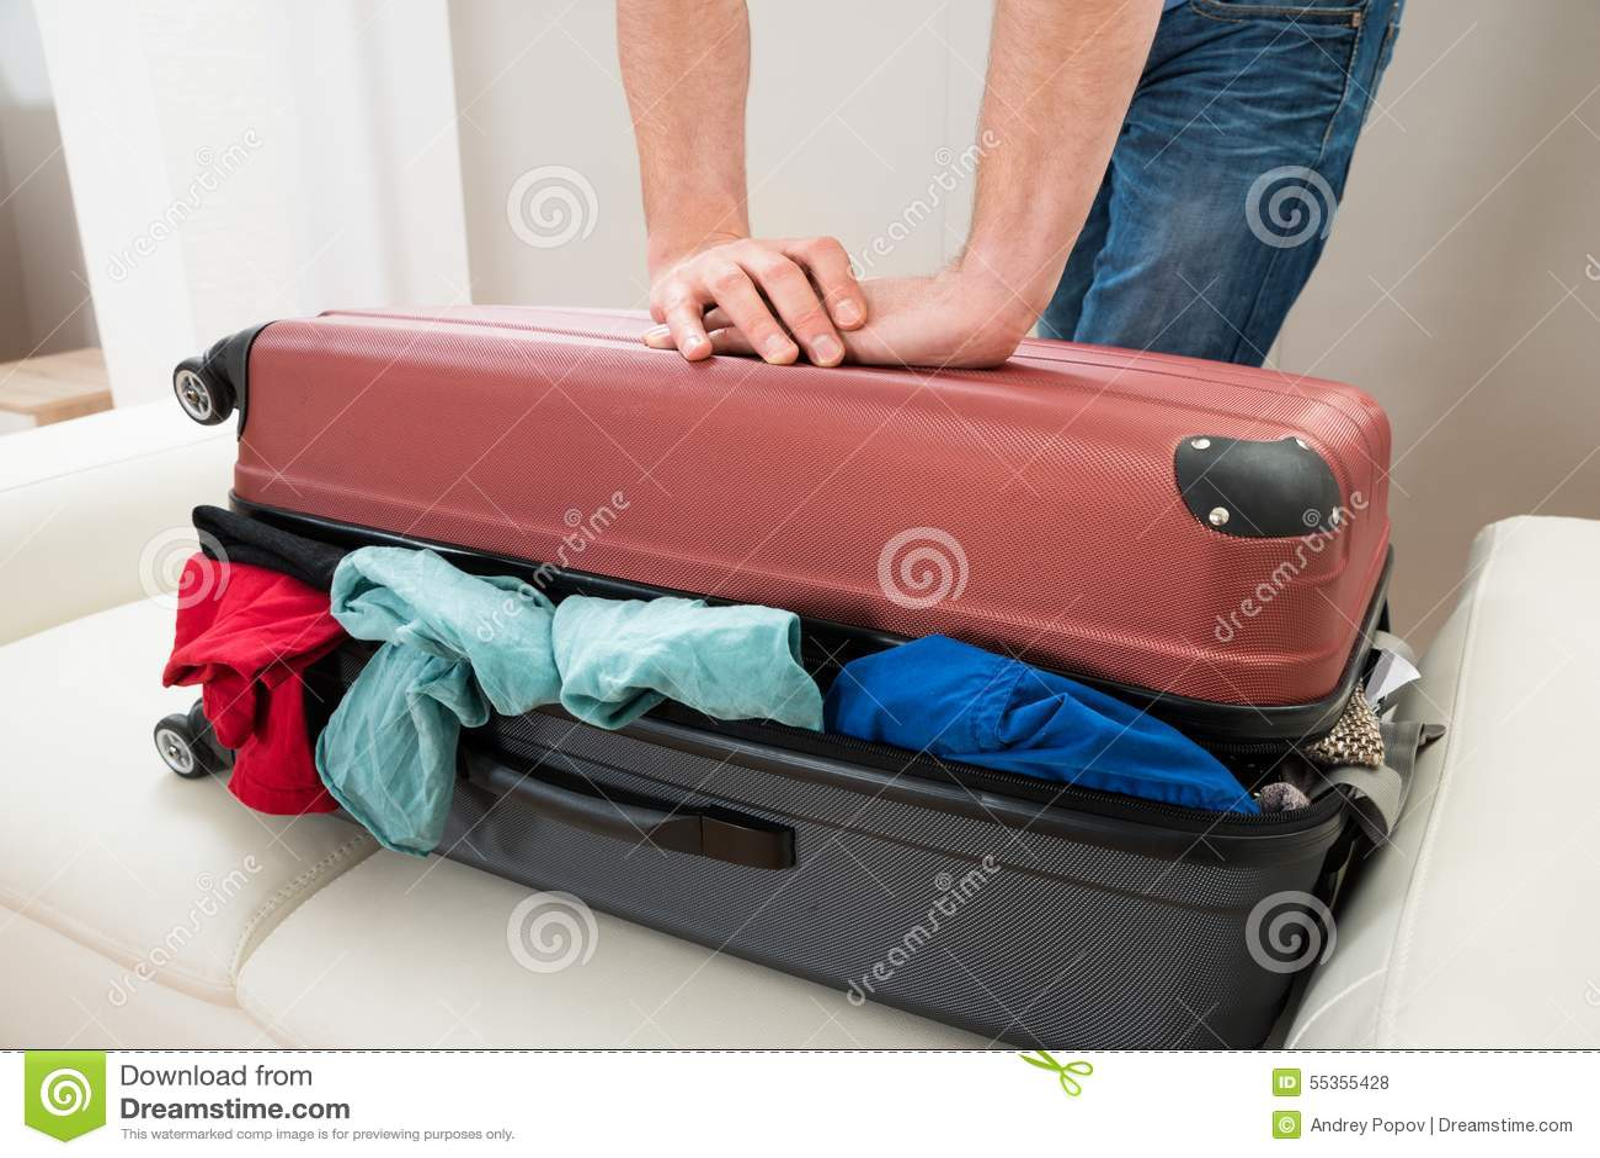 Mano della persona che prova a chiudere valigia